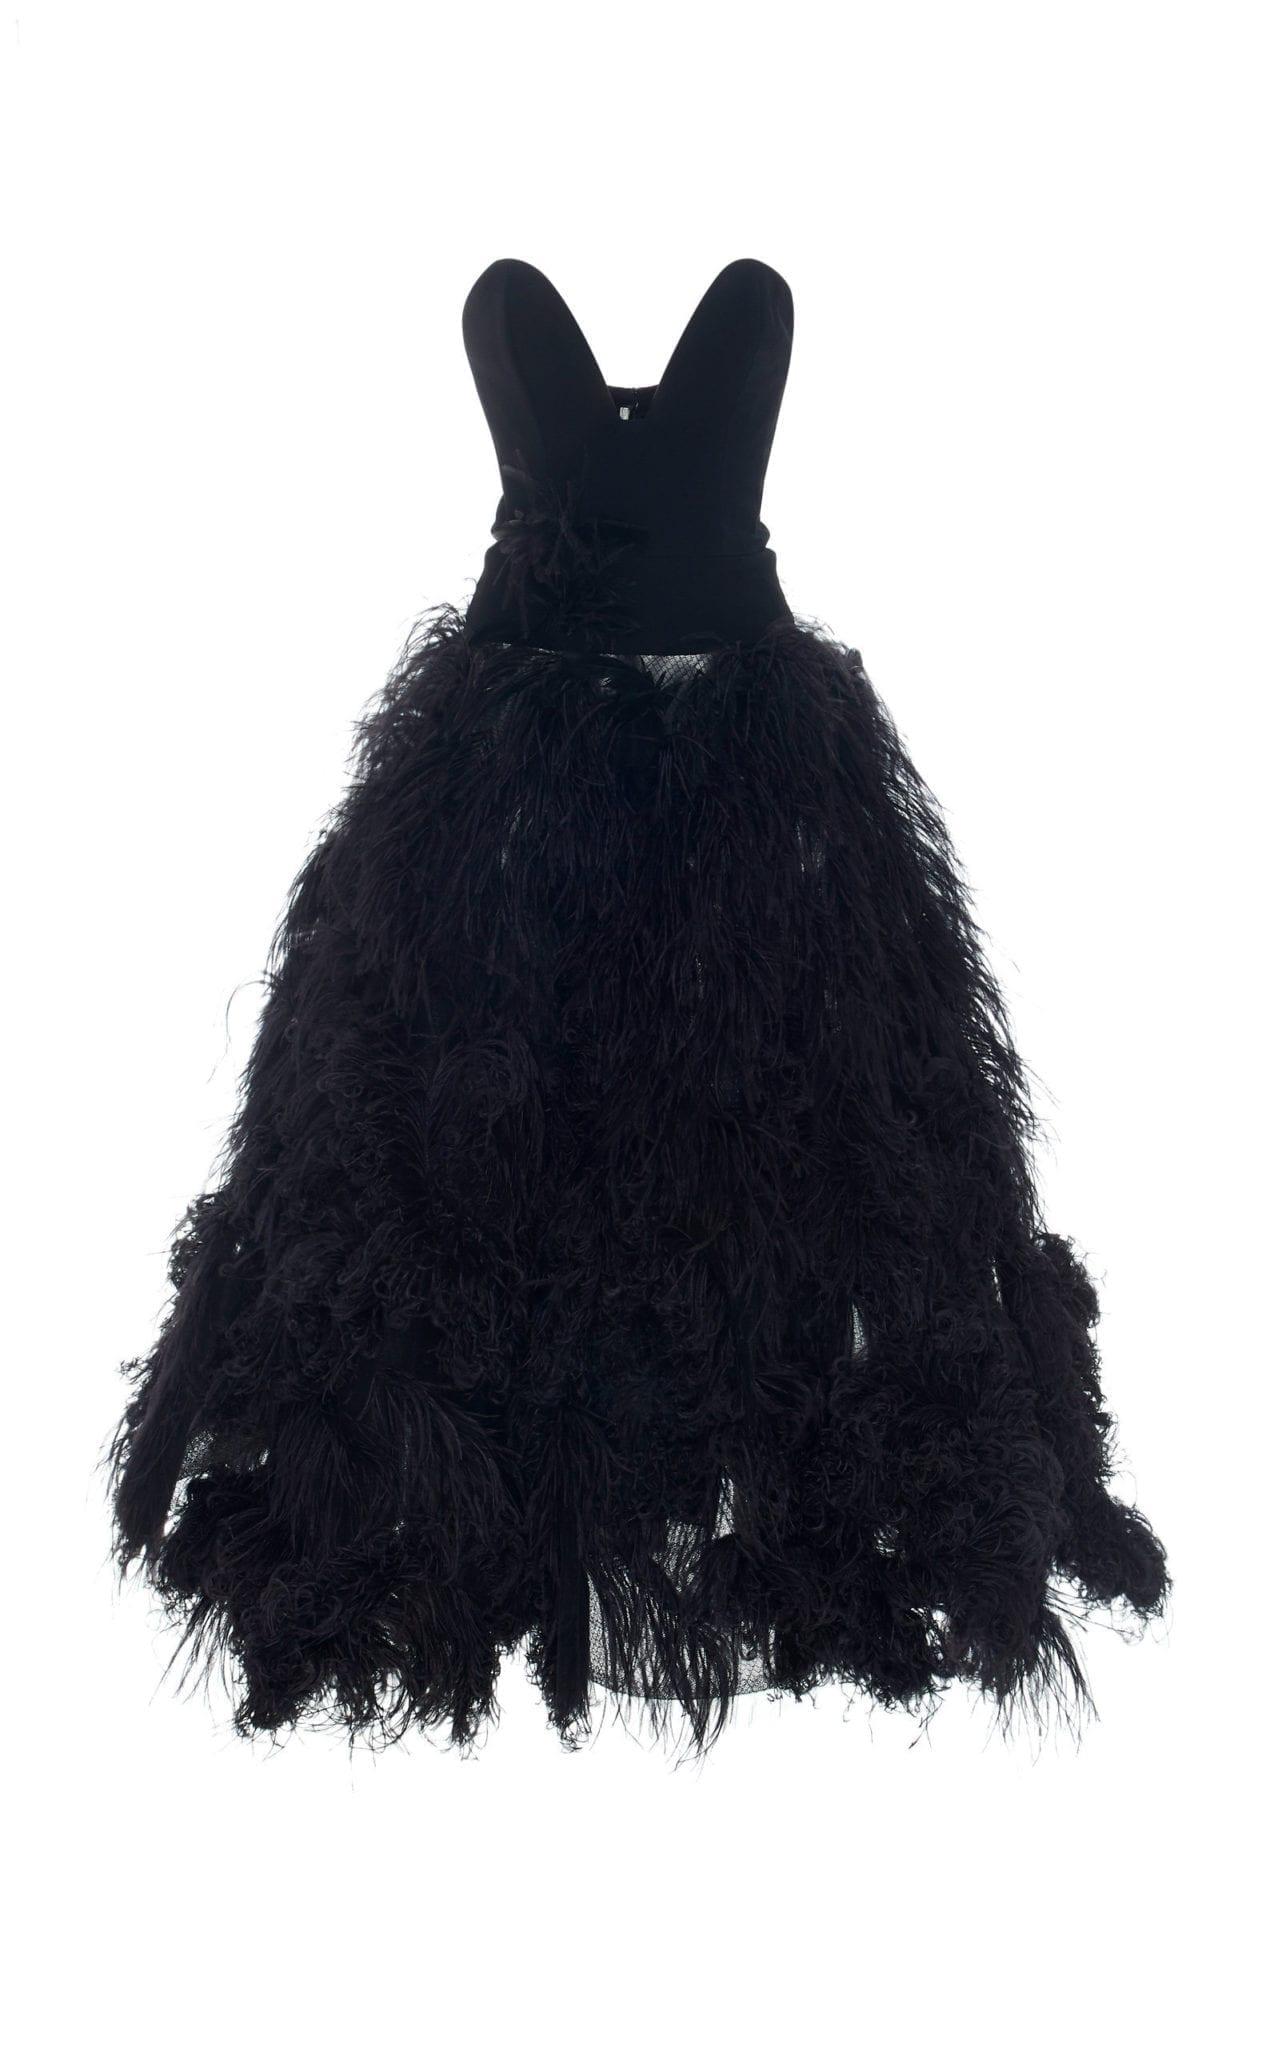 OSCAR DE LA RENTA Strapless Feather-Embellished Crepe Black Gown